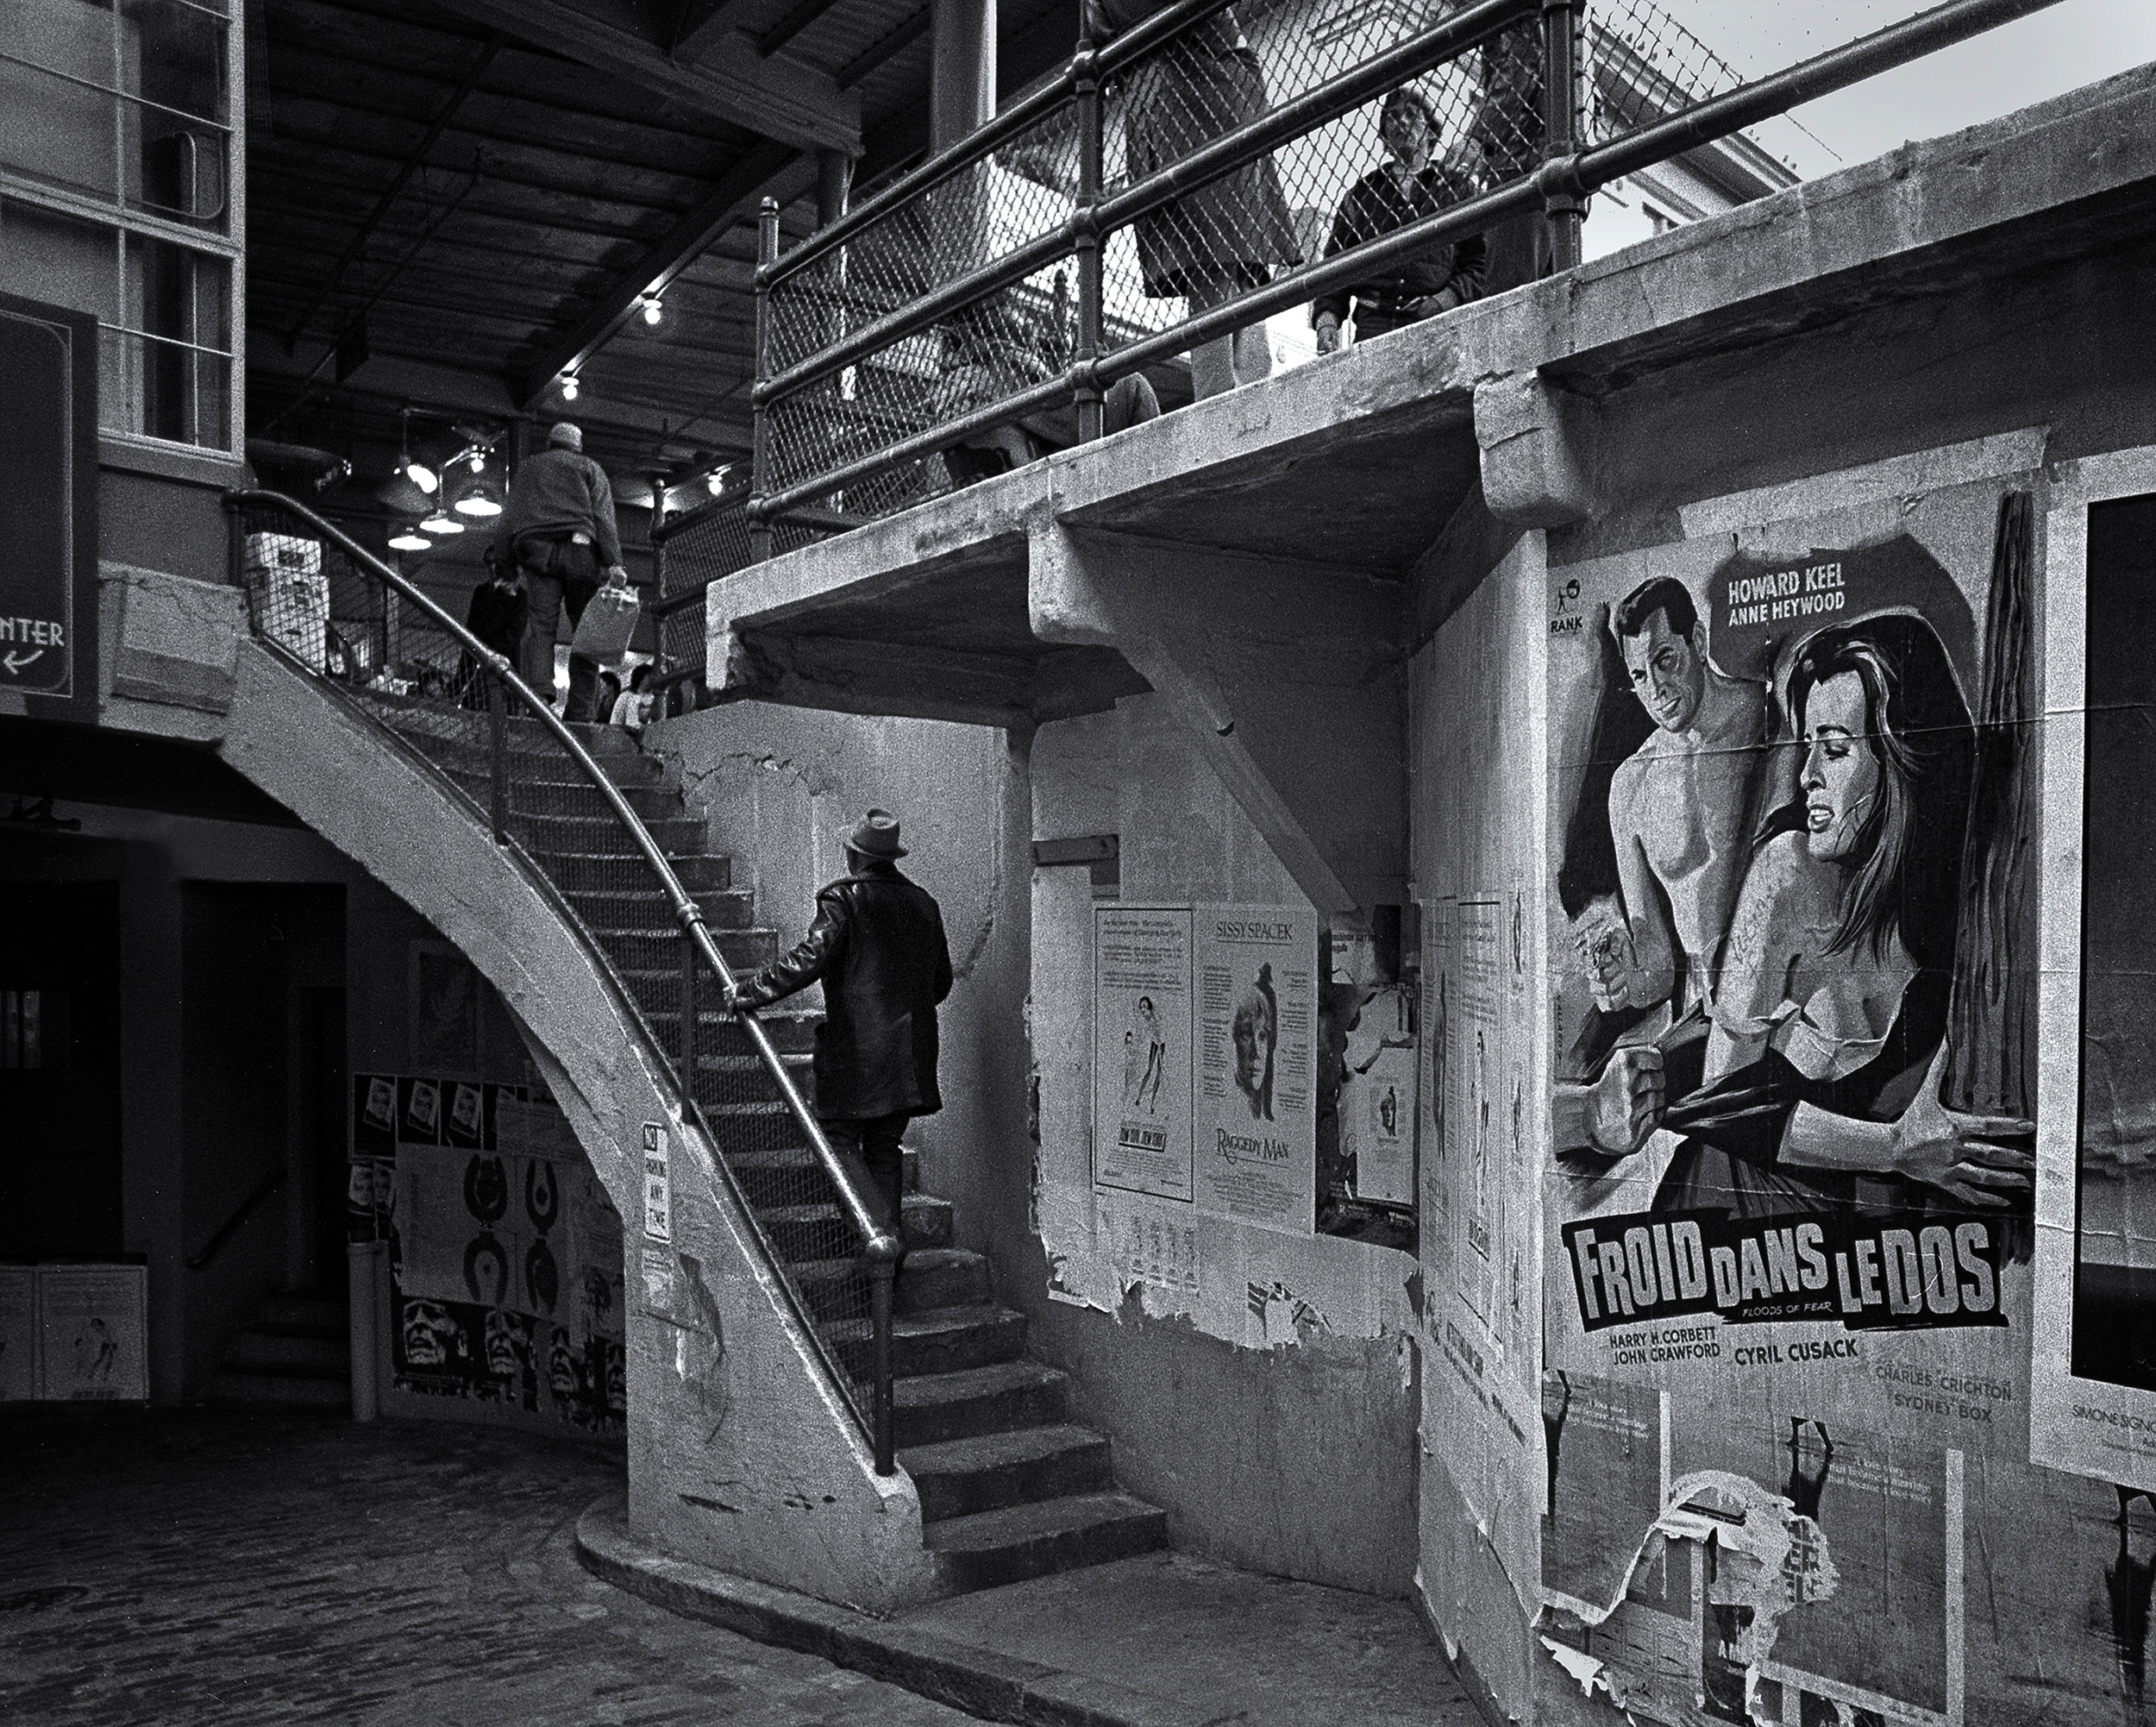 Stairwell_PPM.jpg